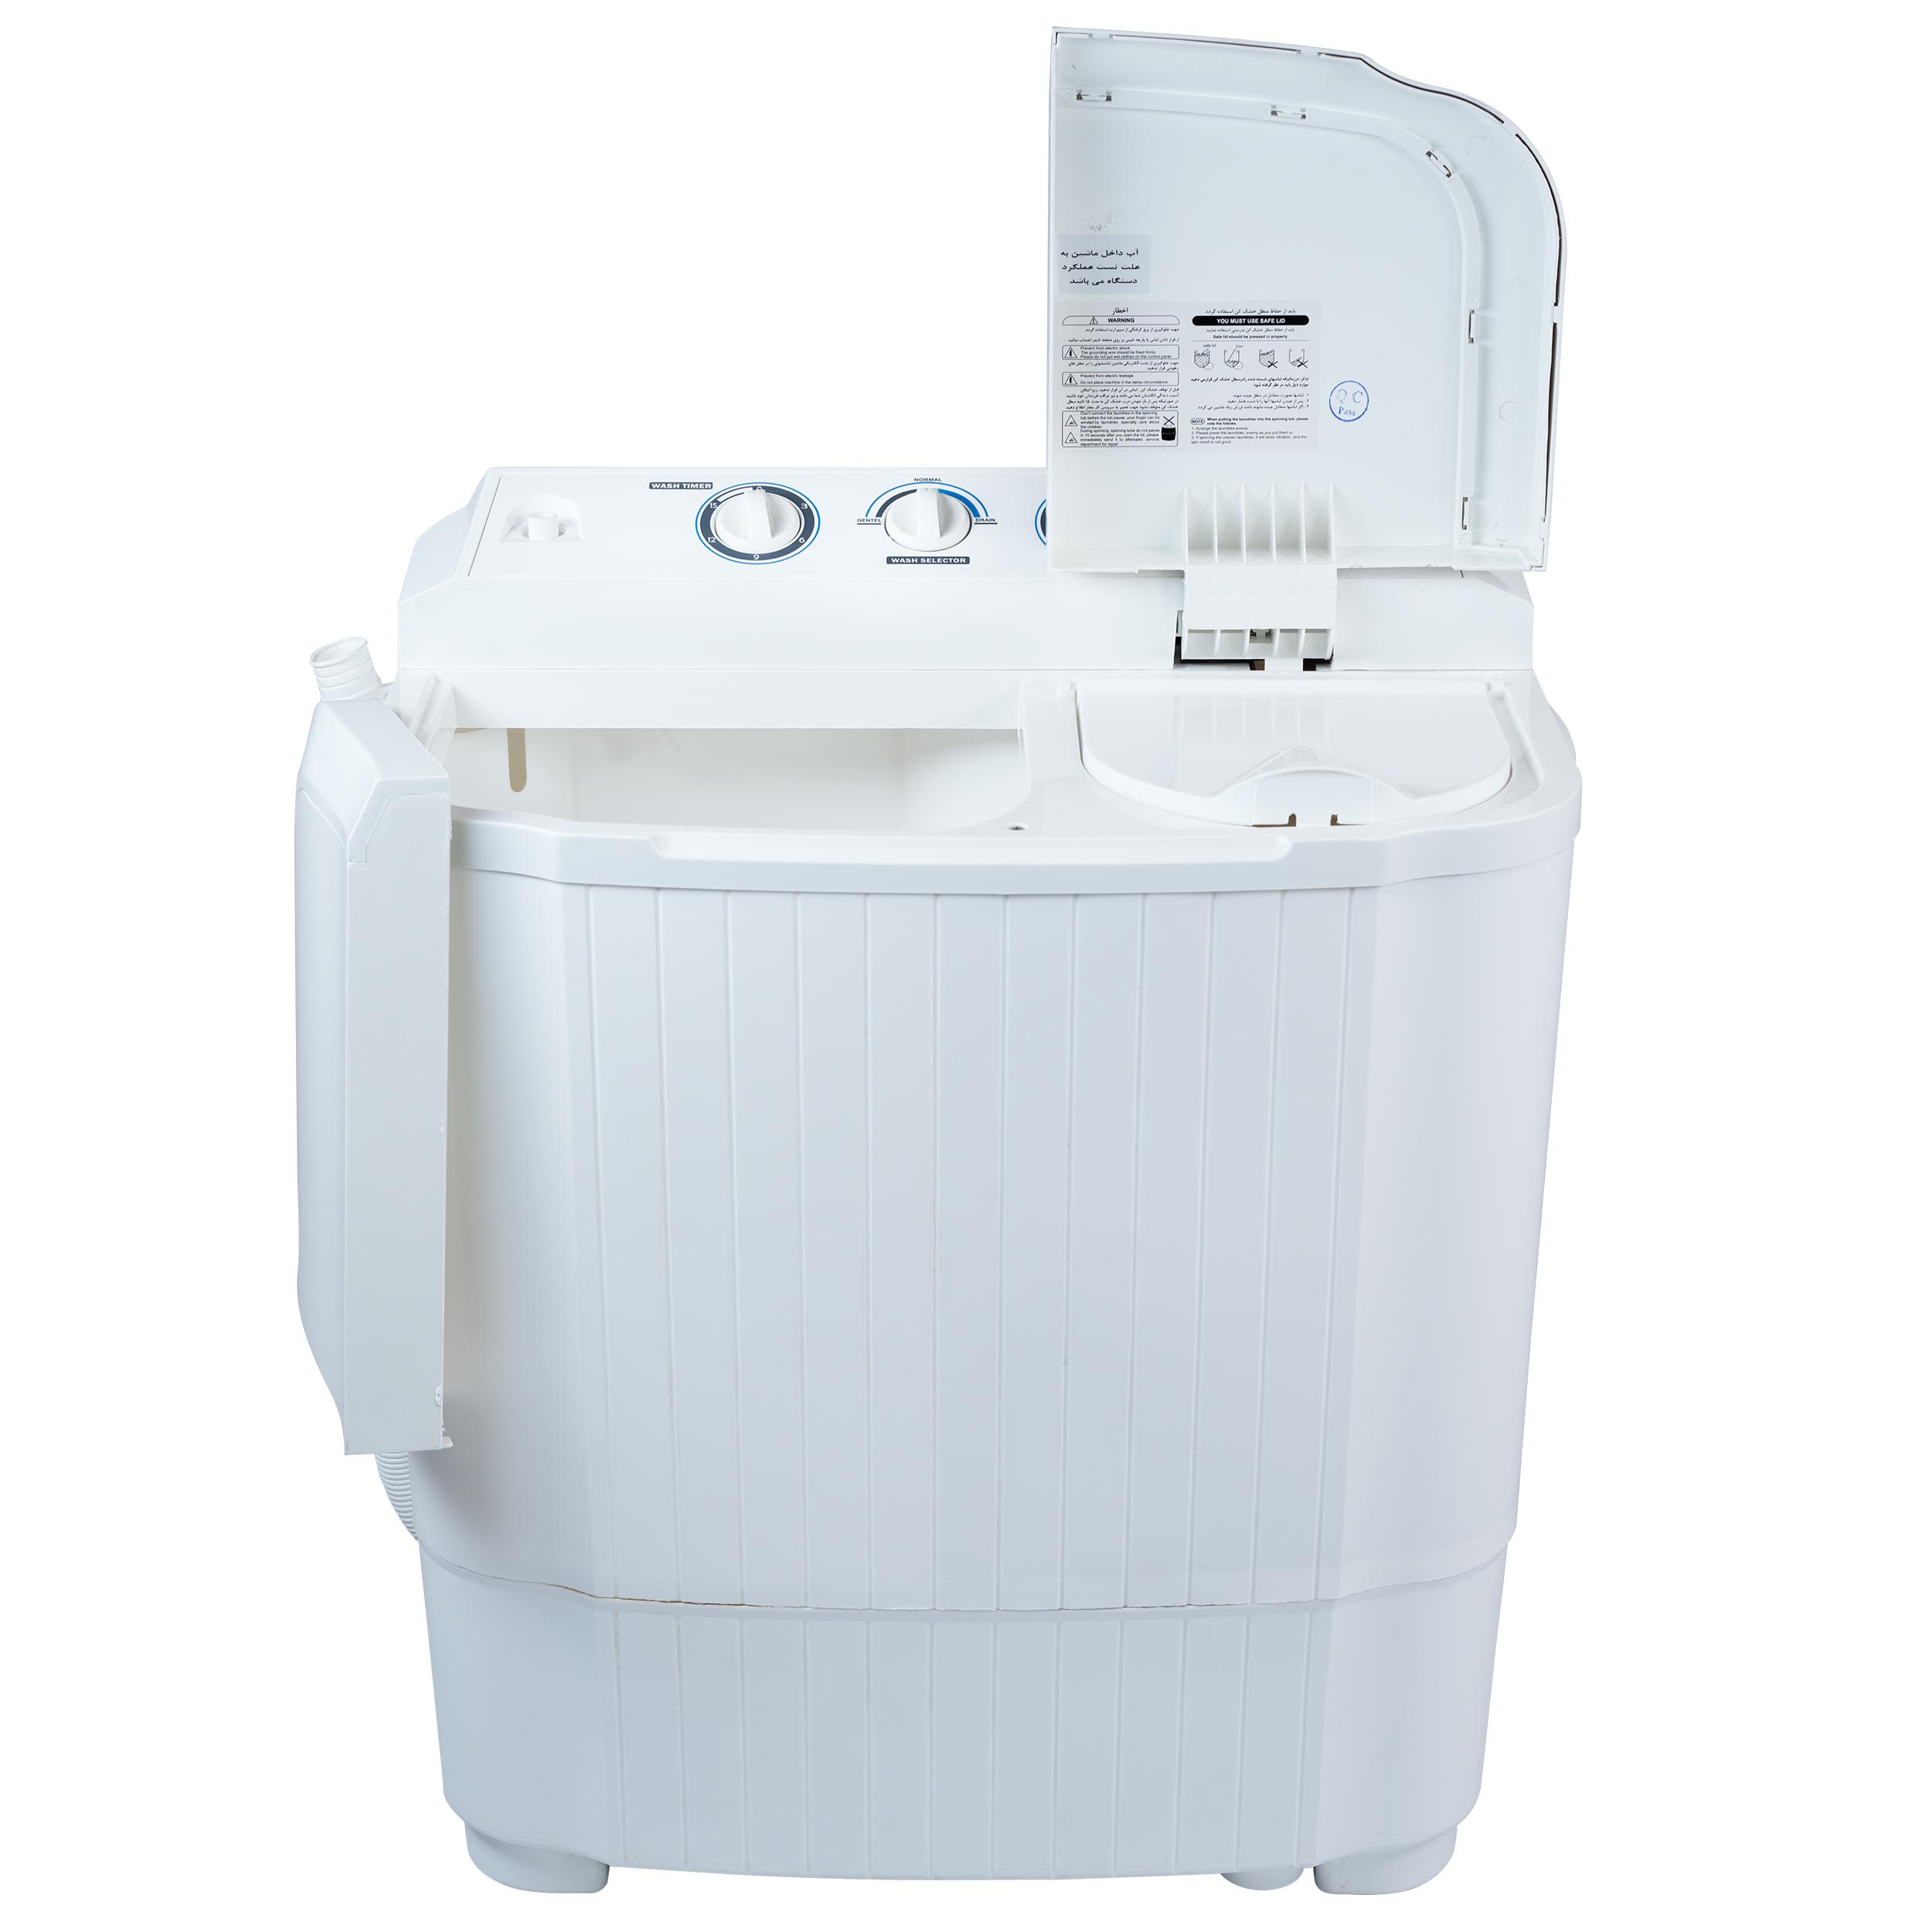 ماشین لباسشویی با ظرفیت 4.5 کیلوگرم